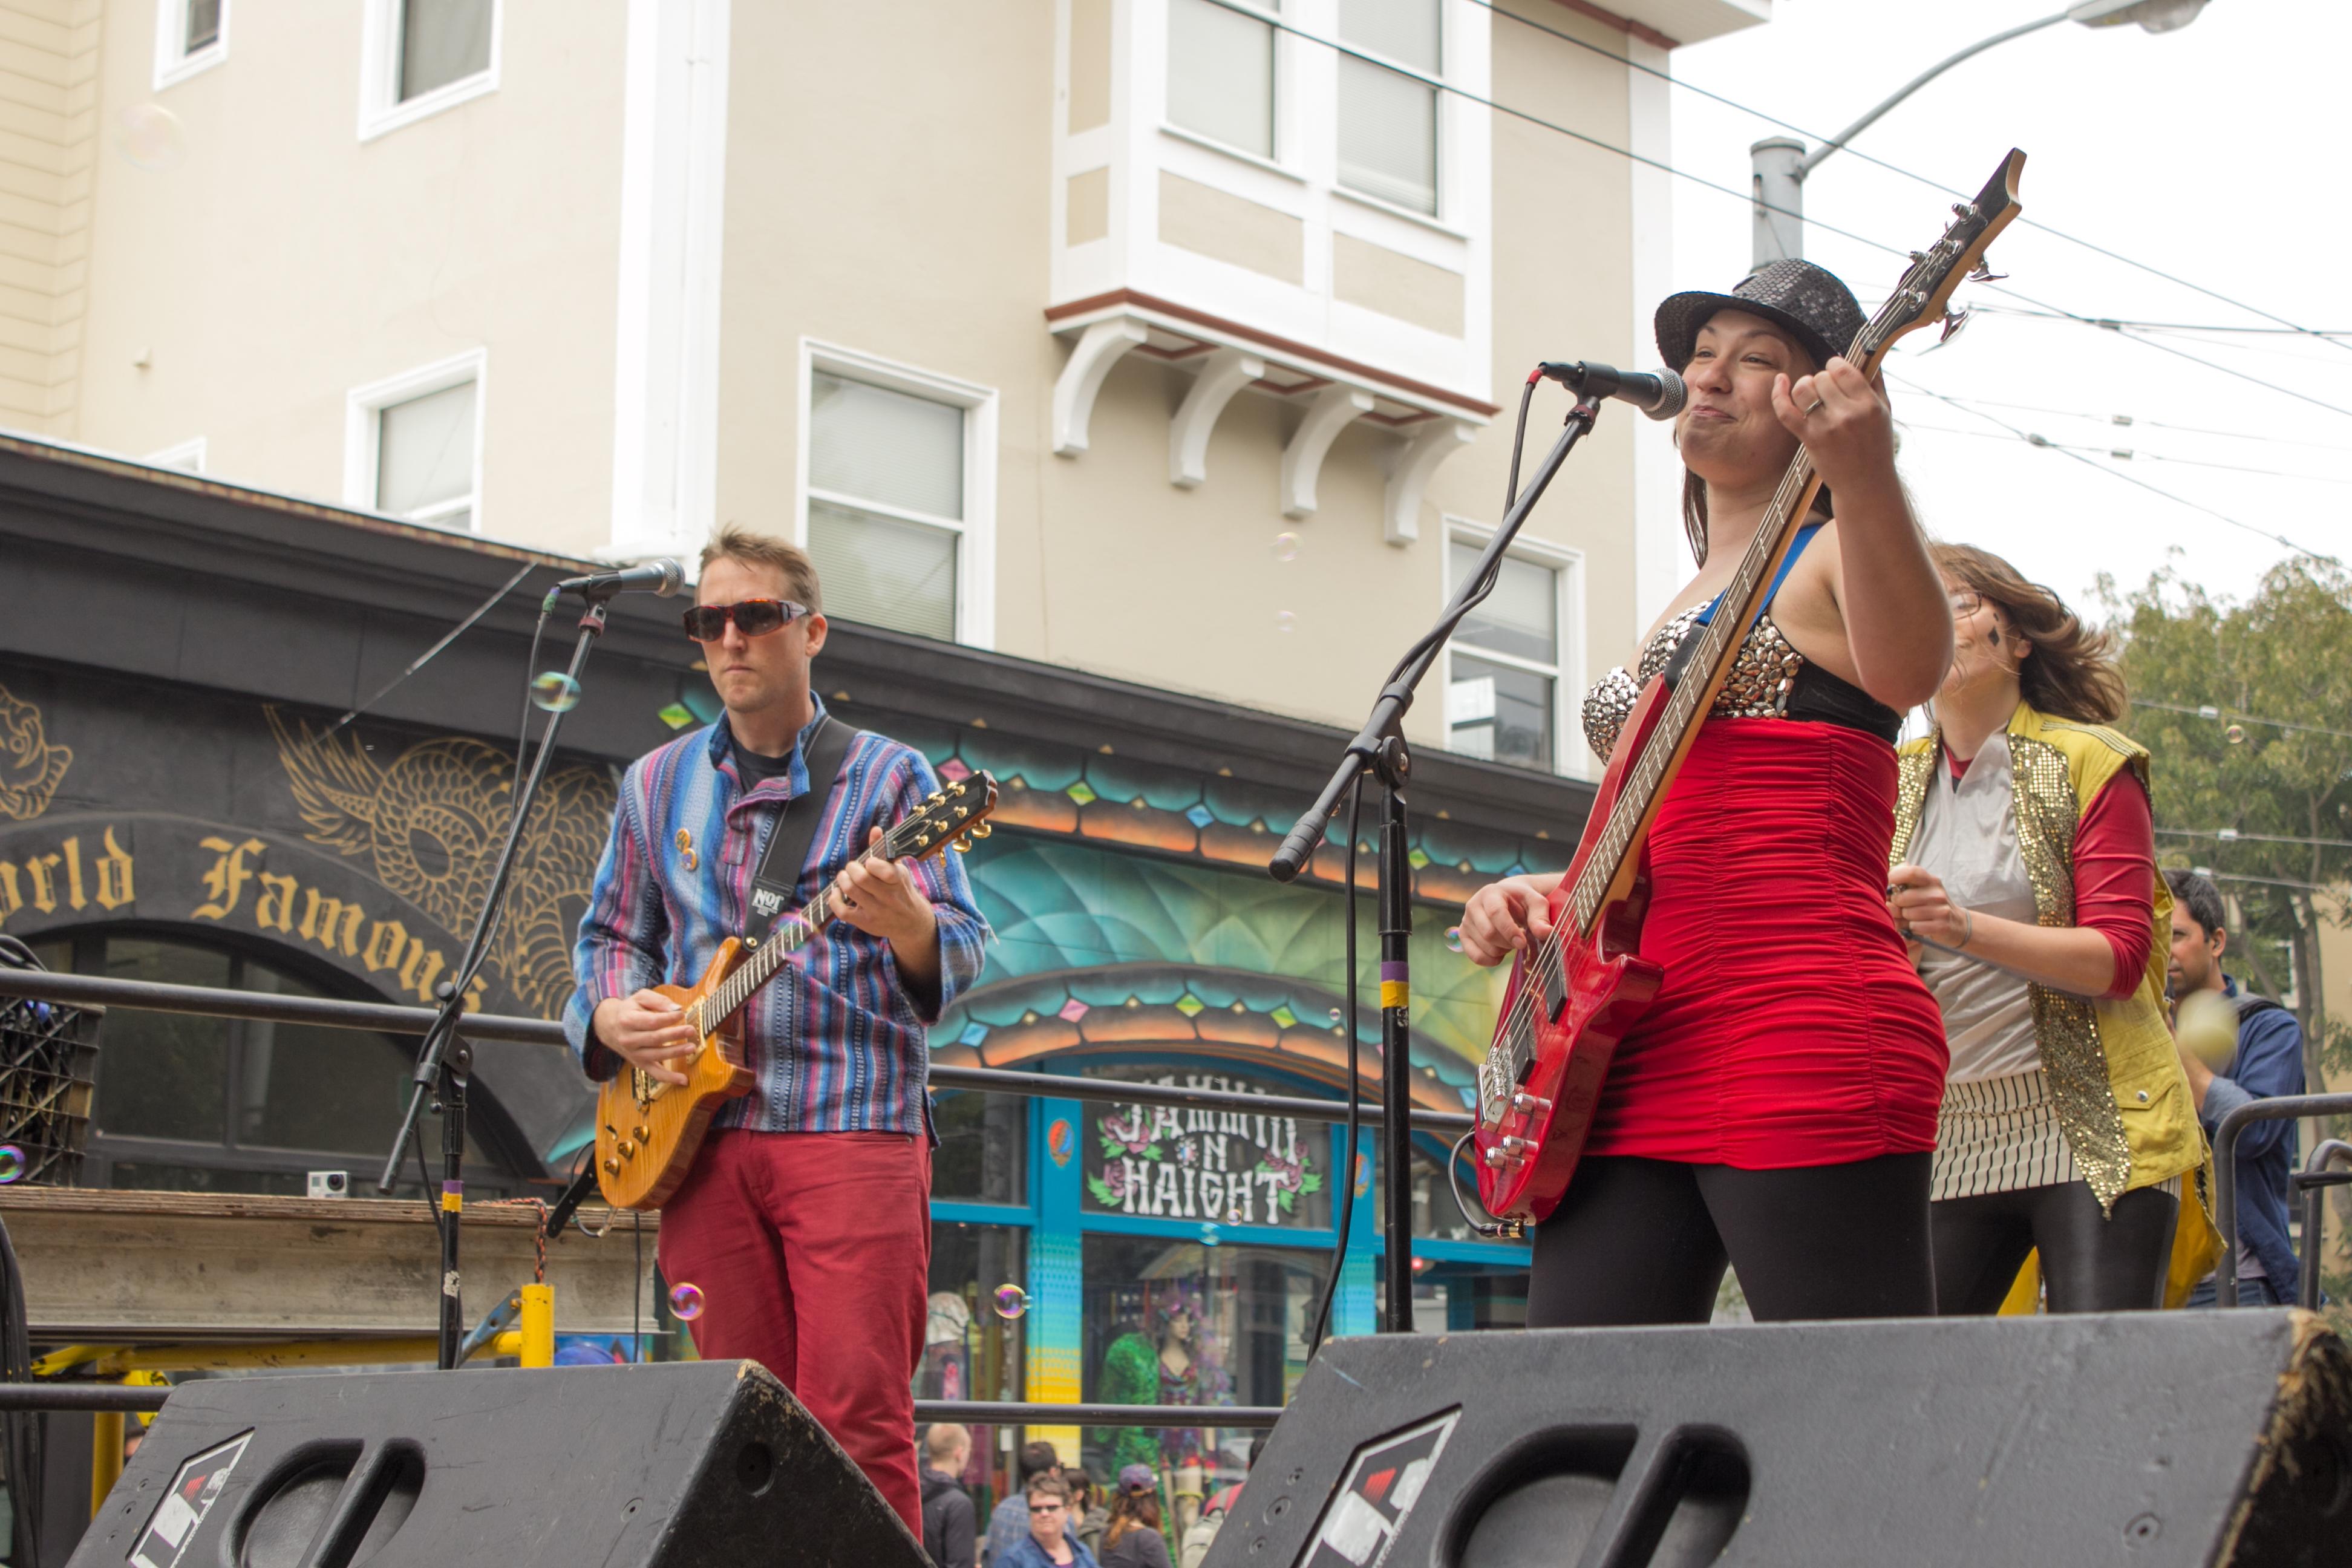 The Wyatt Act - Haight Ashbury Street Fair (25 of 46)